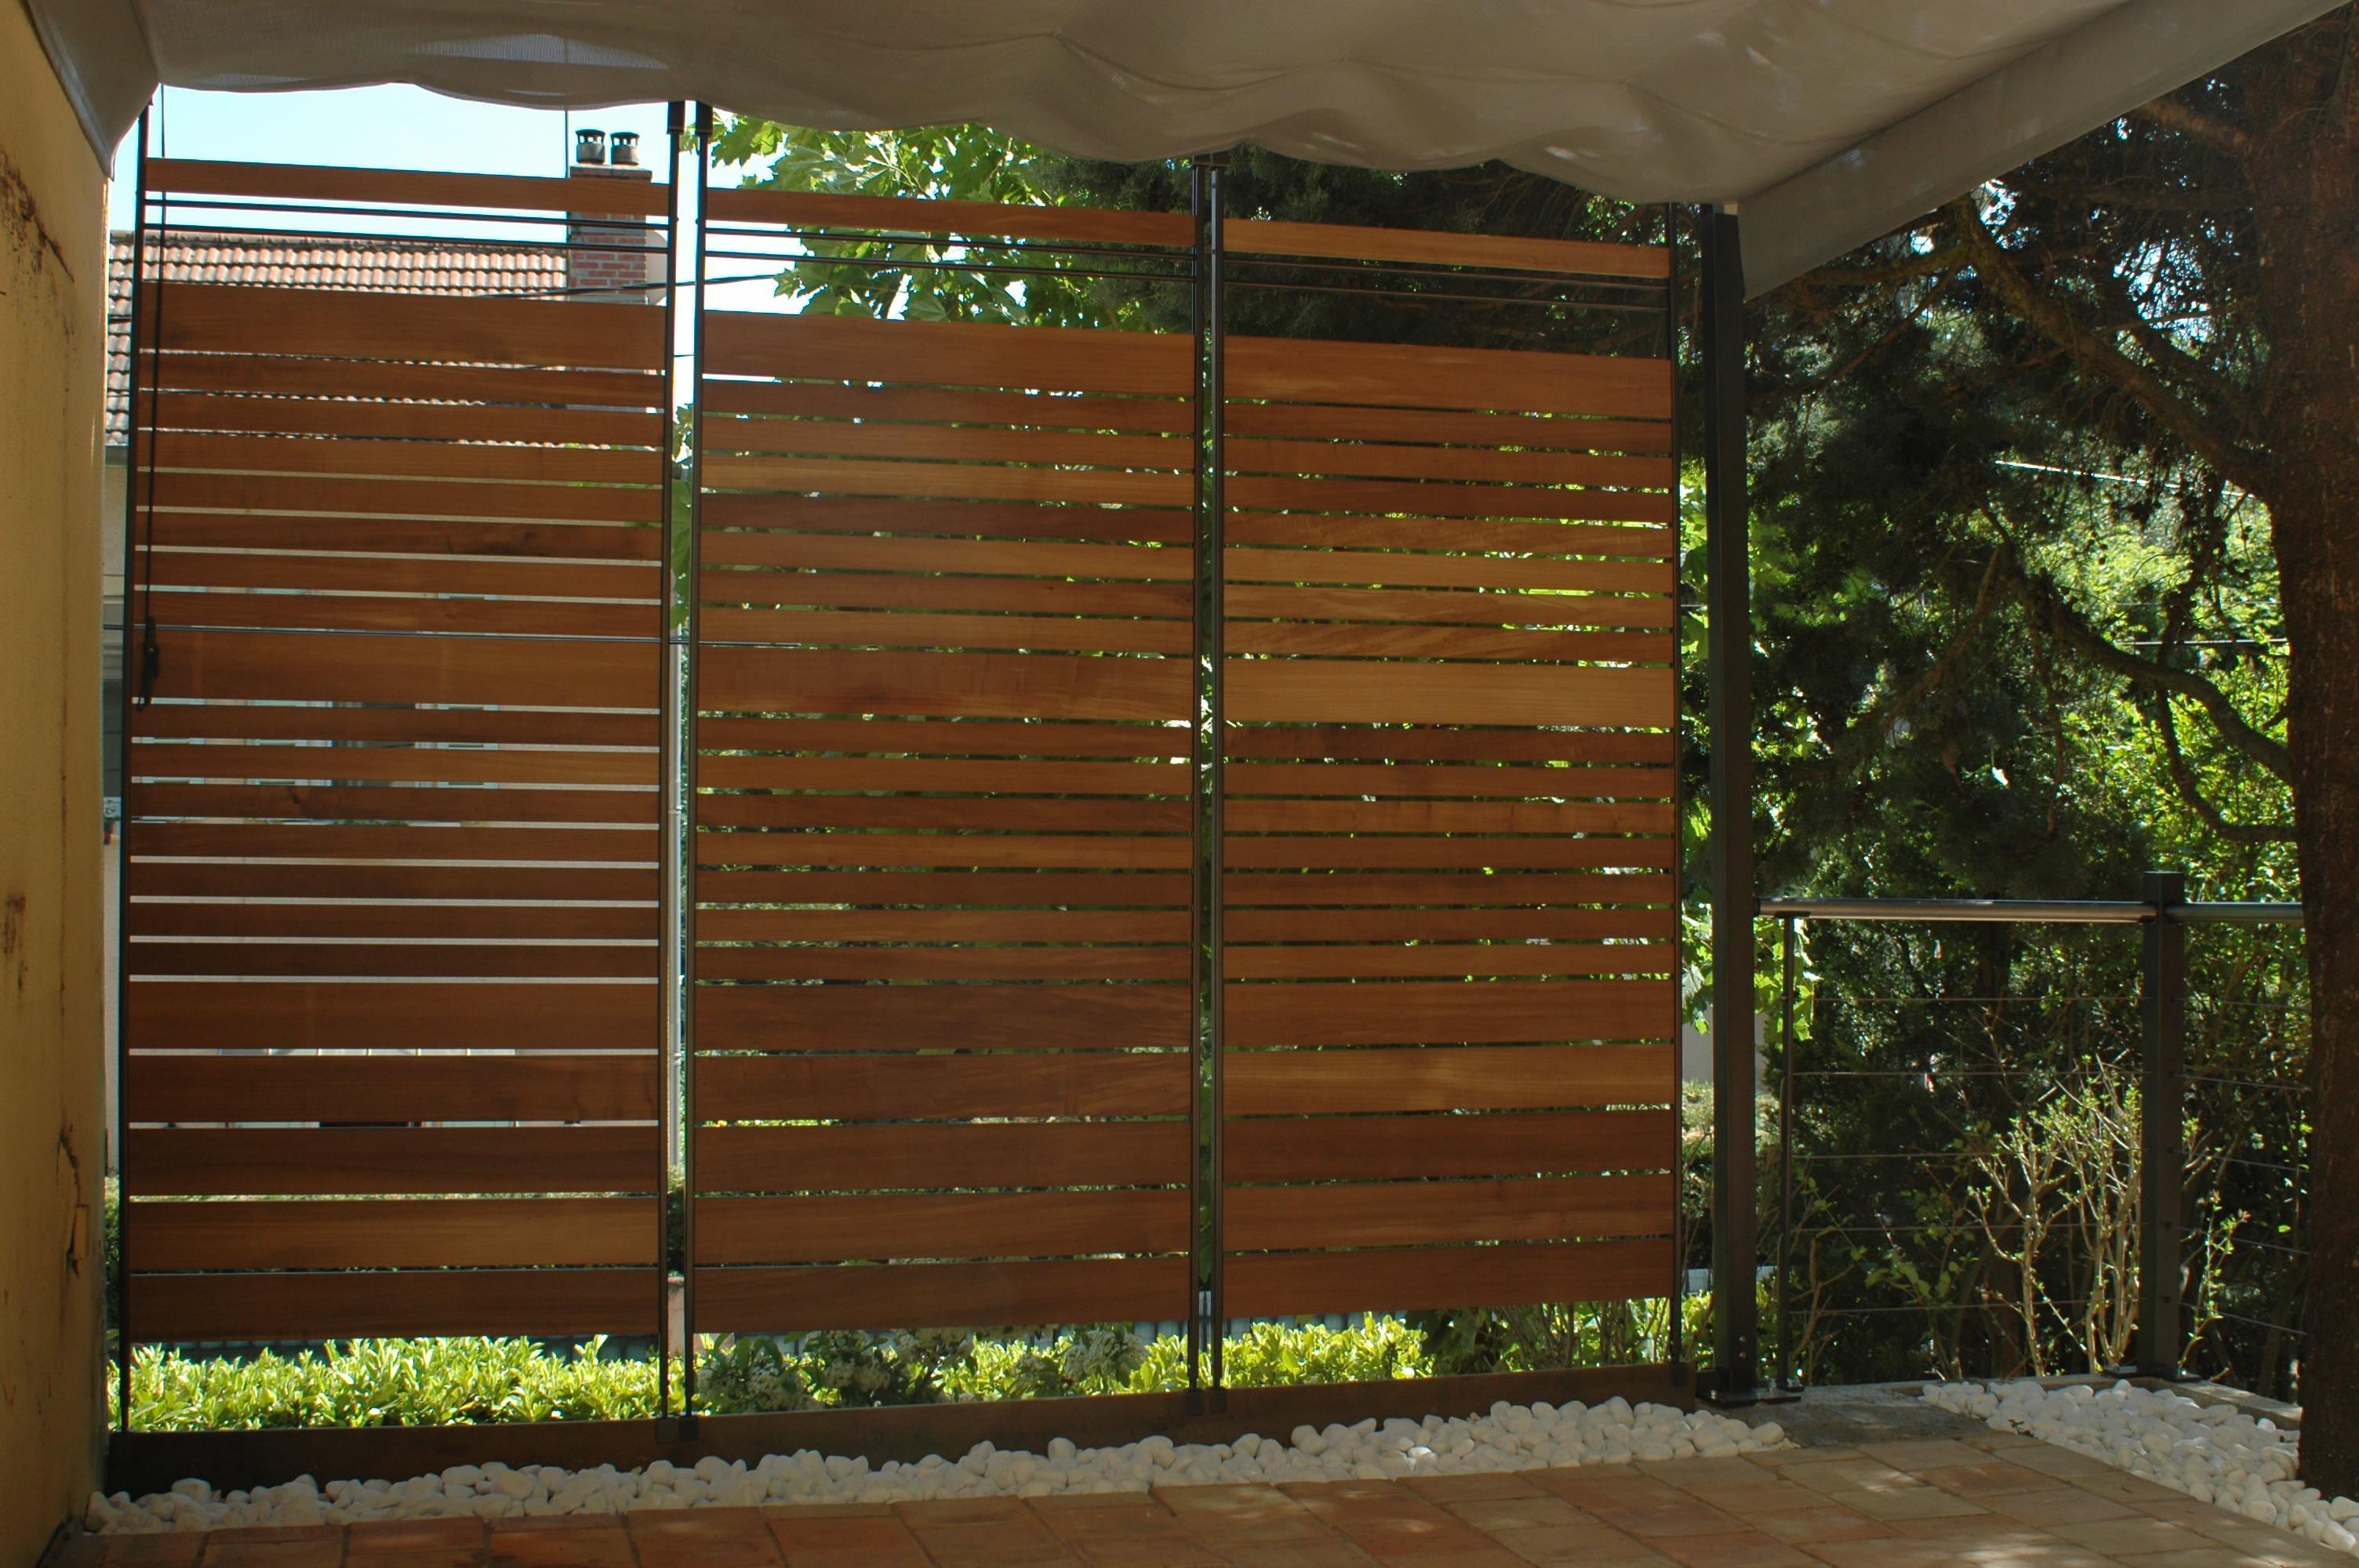 Brise Vue Terrasse Bois le brise-vue : idéal pour rendre opaque une baie vitrée